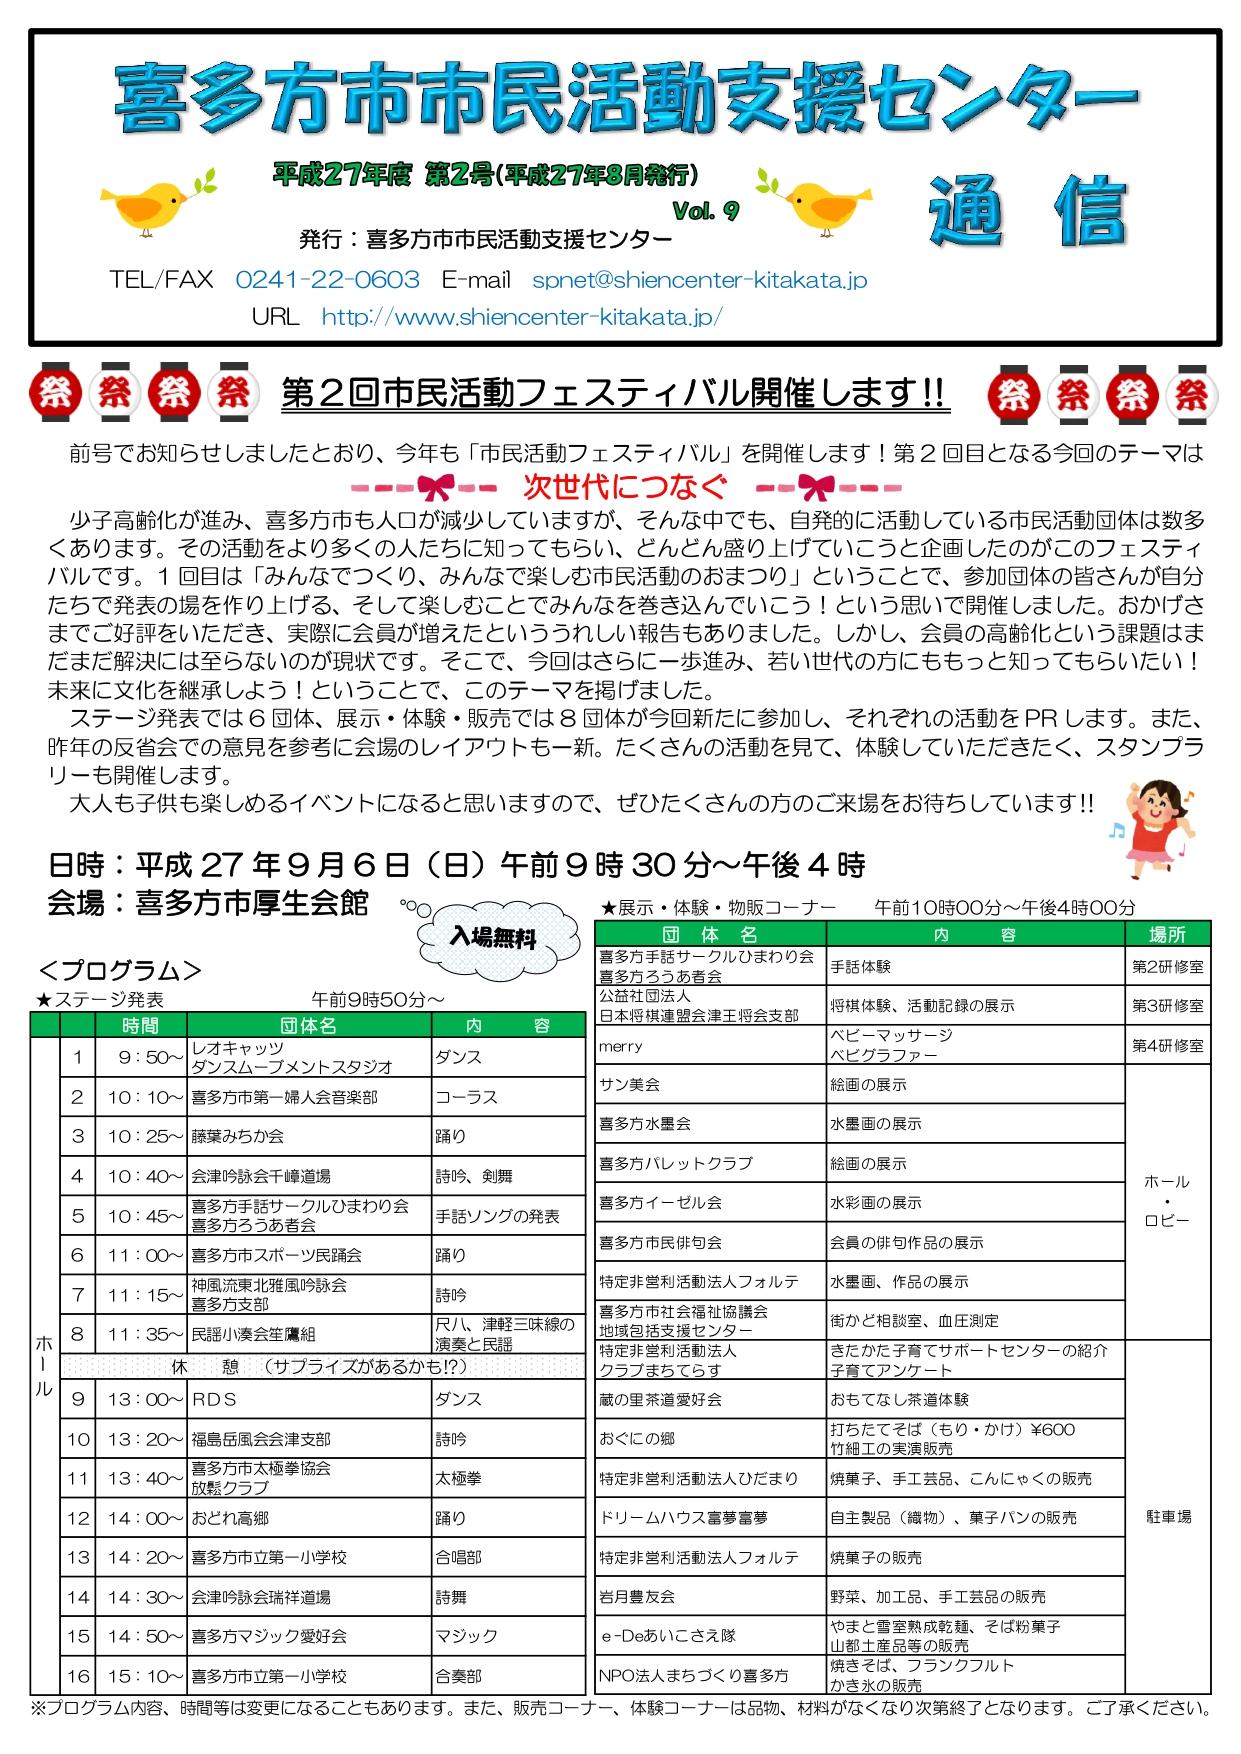 喜多方市市民活動支援センター通信 平成27年度第2号(Vol.9)